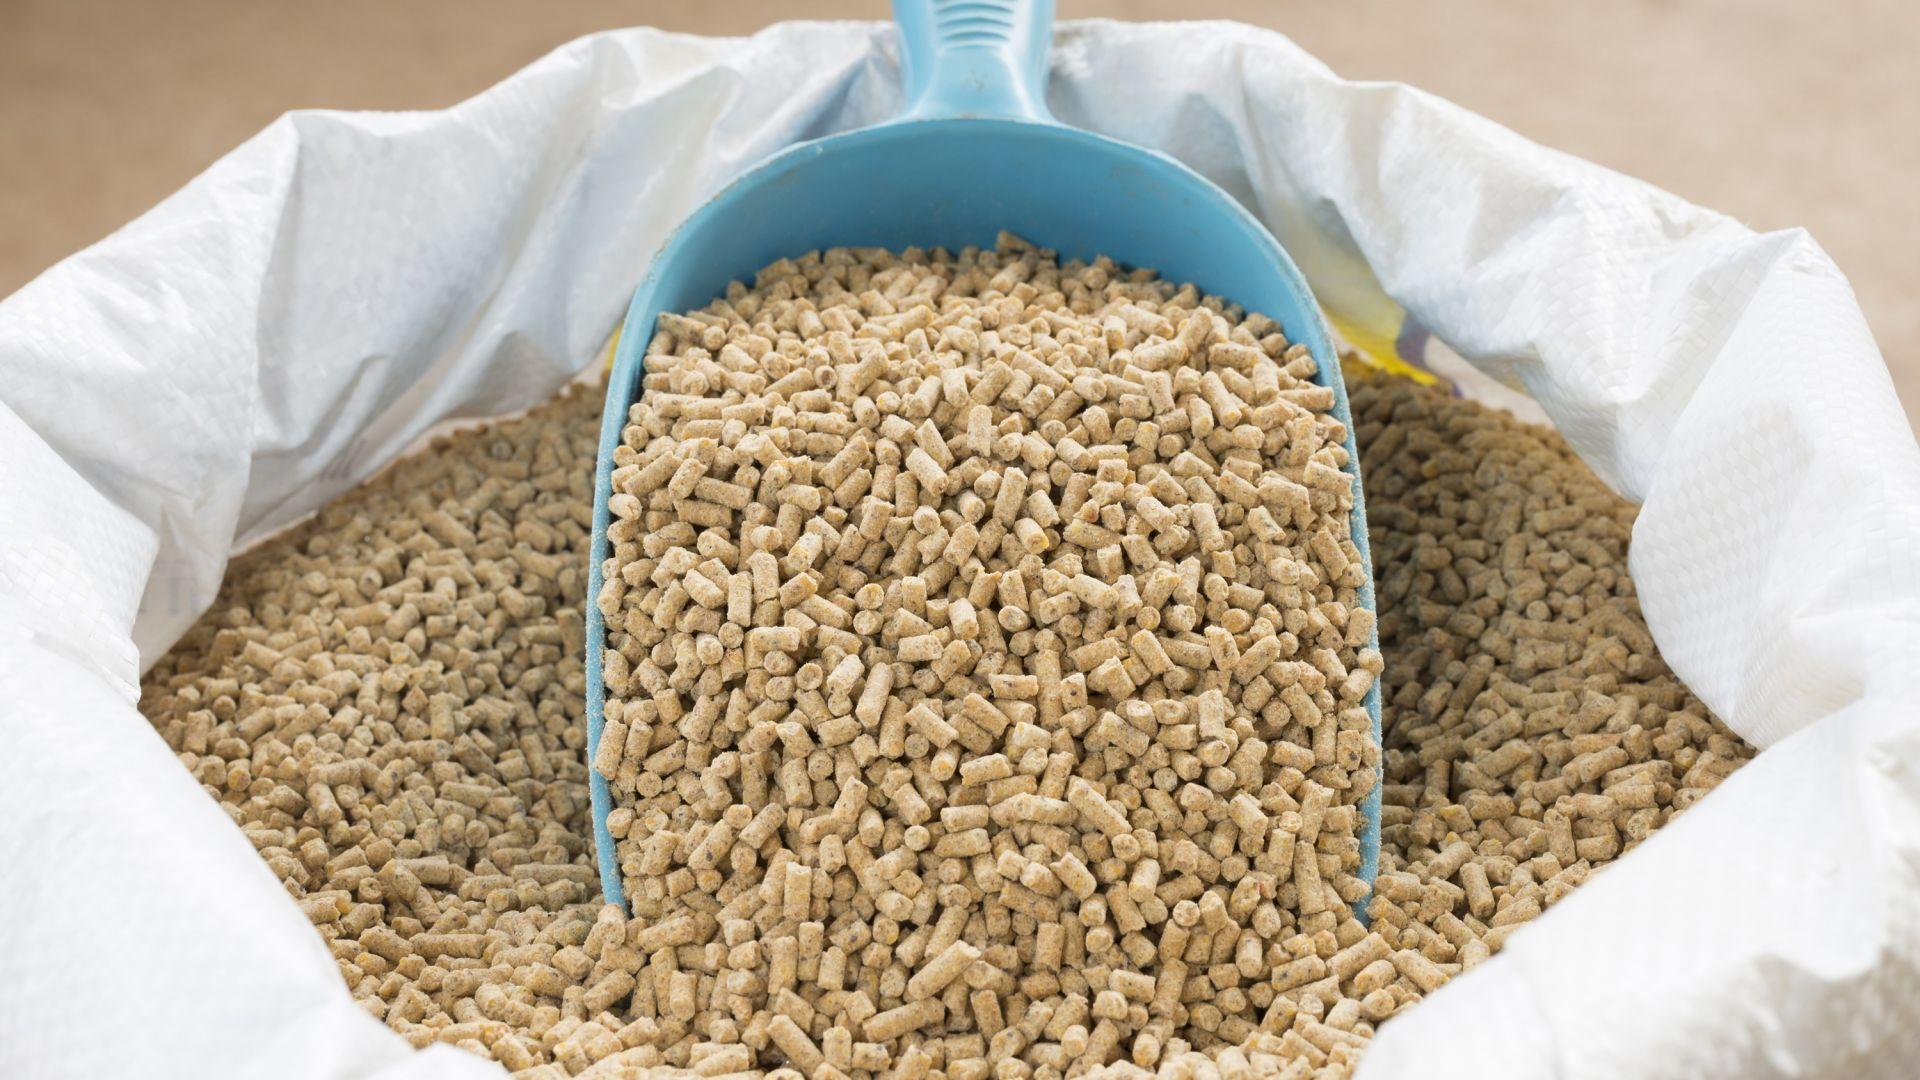 БАБХ проверява влязла у нас фуражна суровина от Бразилия за наличие на салмонела